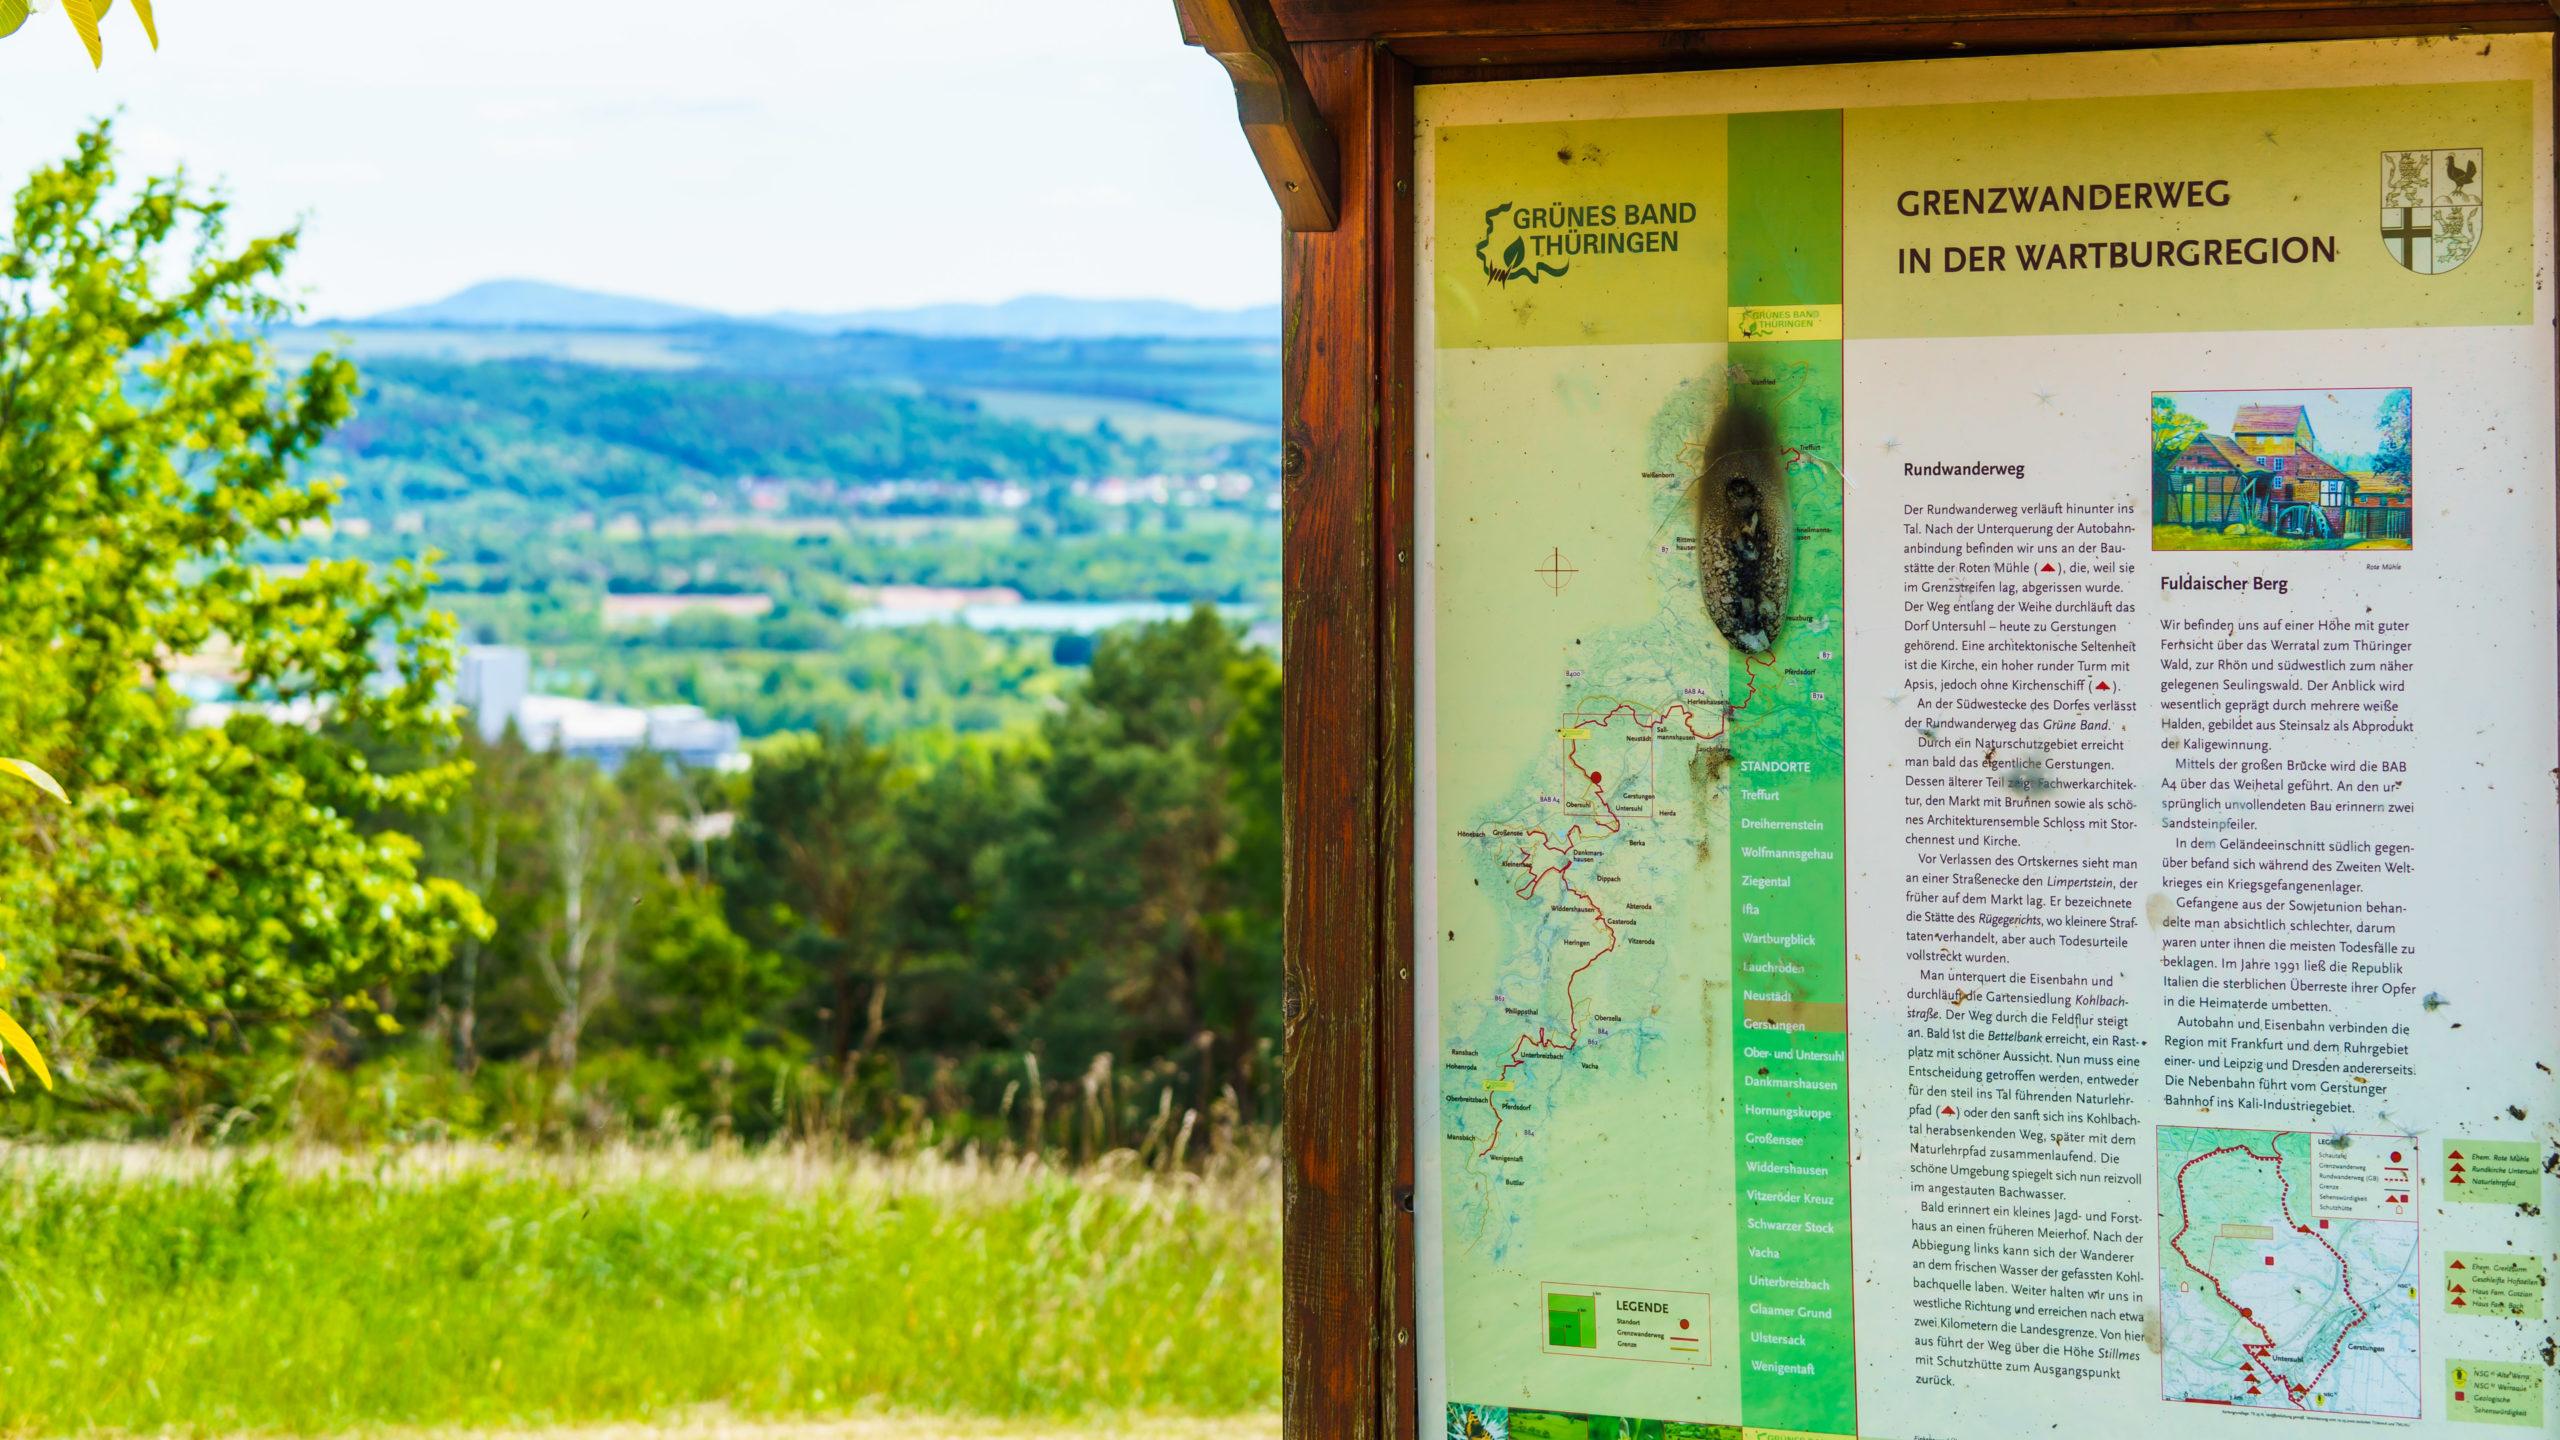 Grenzweg Gerstunger Forst, Fuldaischer Berg mit Informationspunkt, oberhalb Richelsdorfer Tal, bei Untersuhl